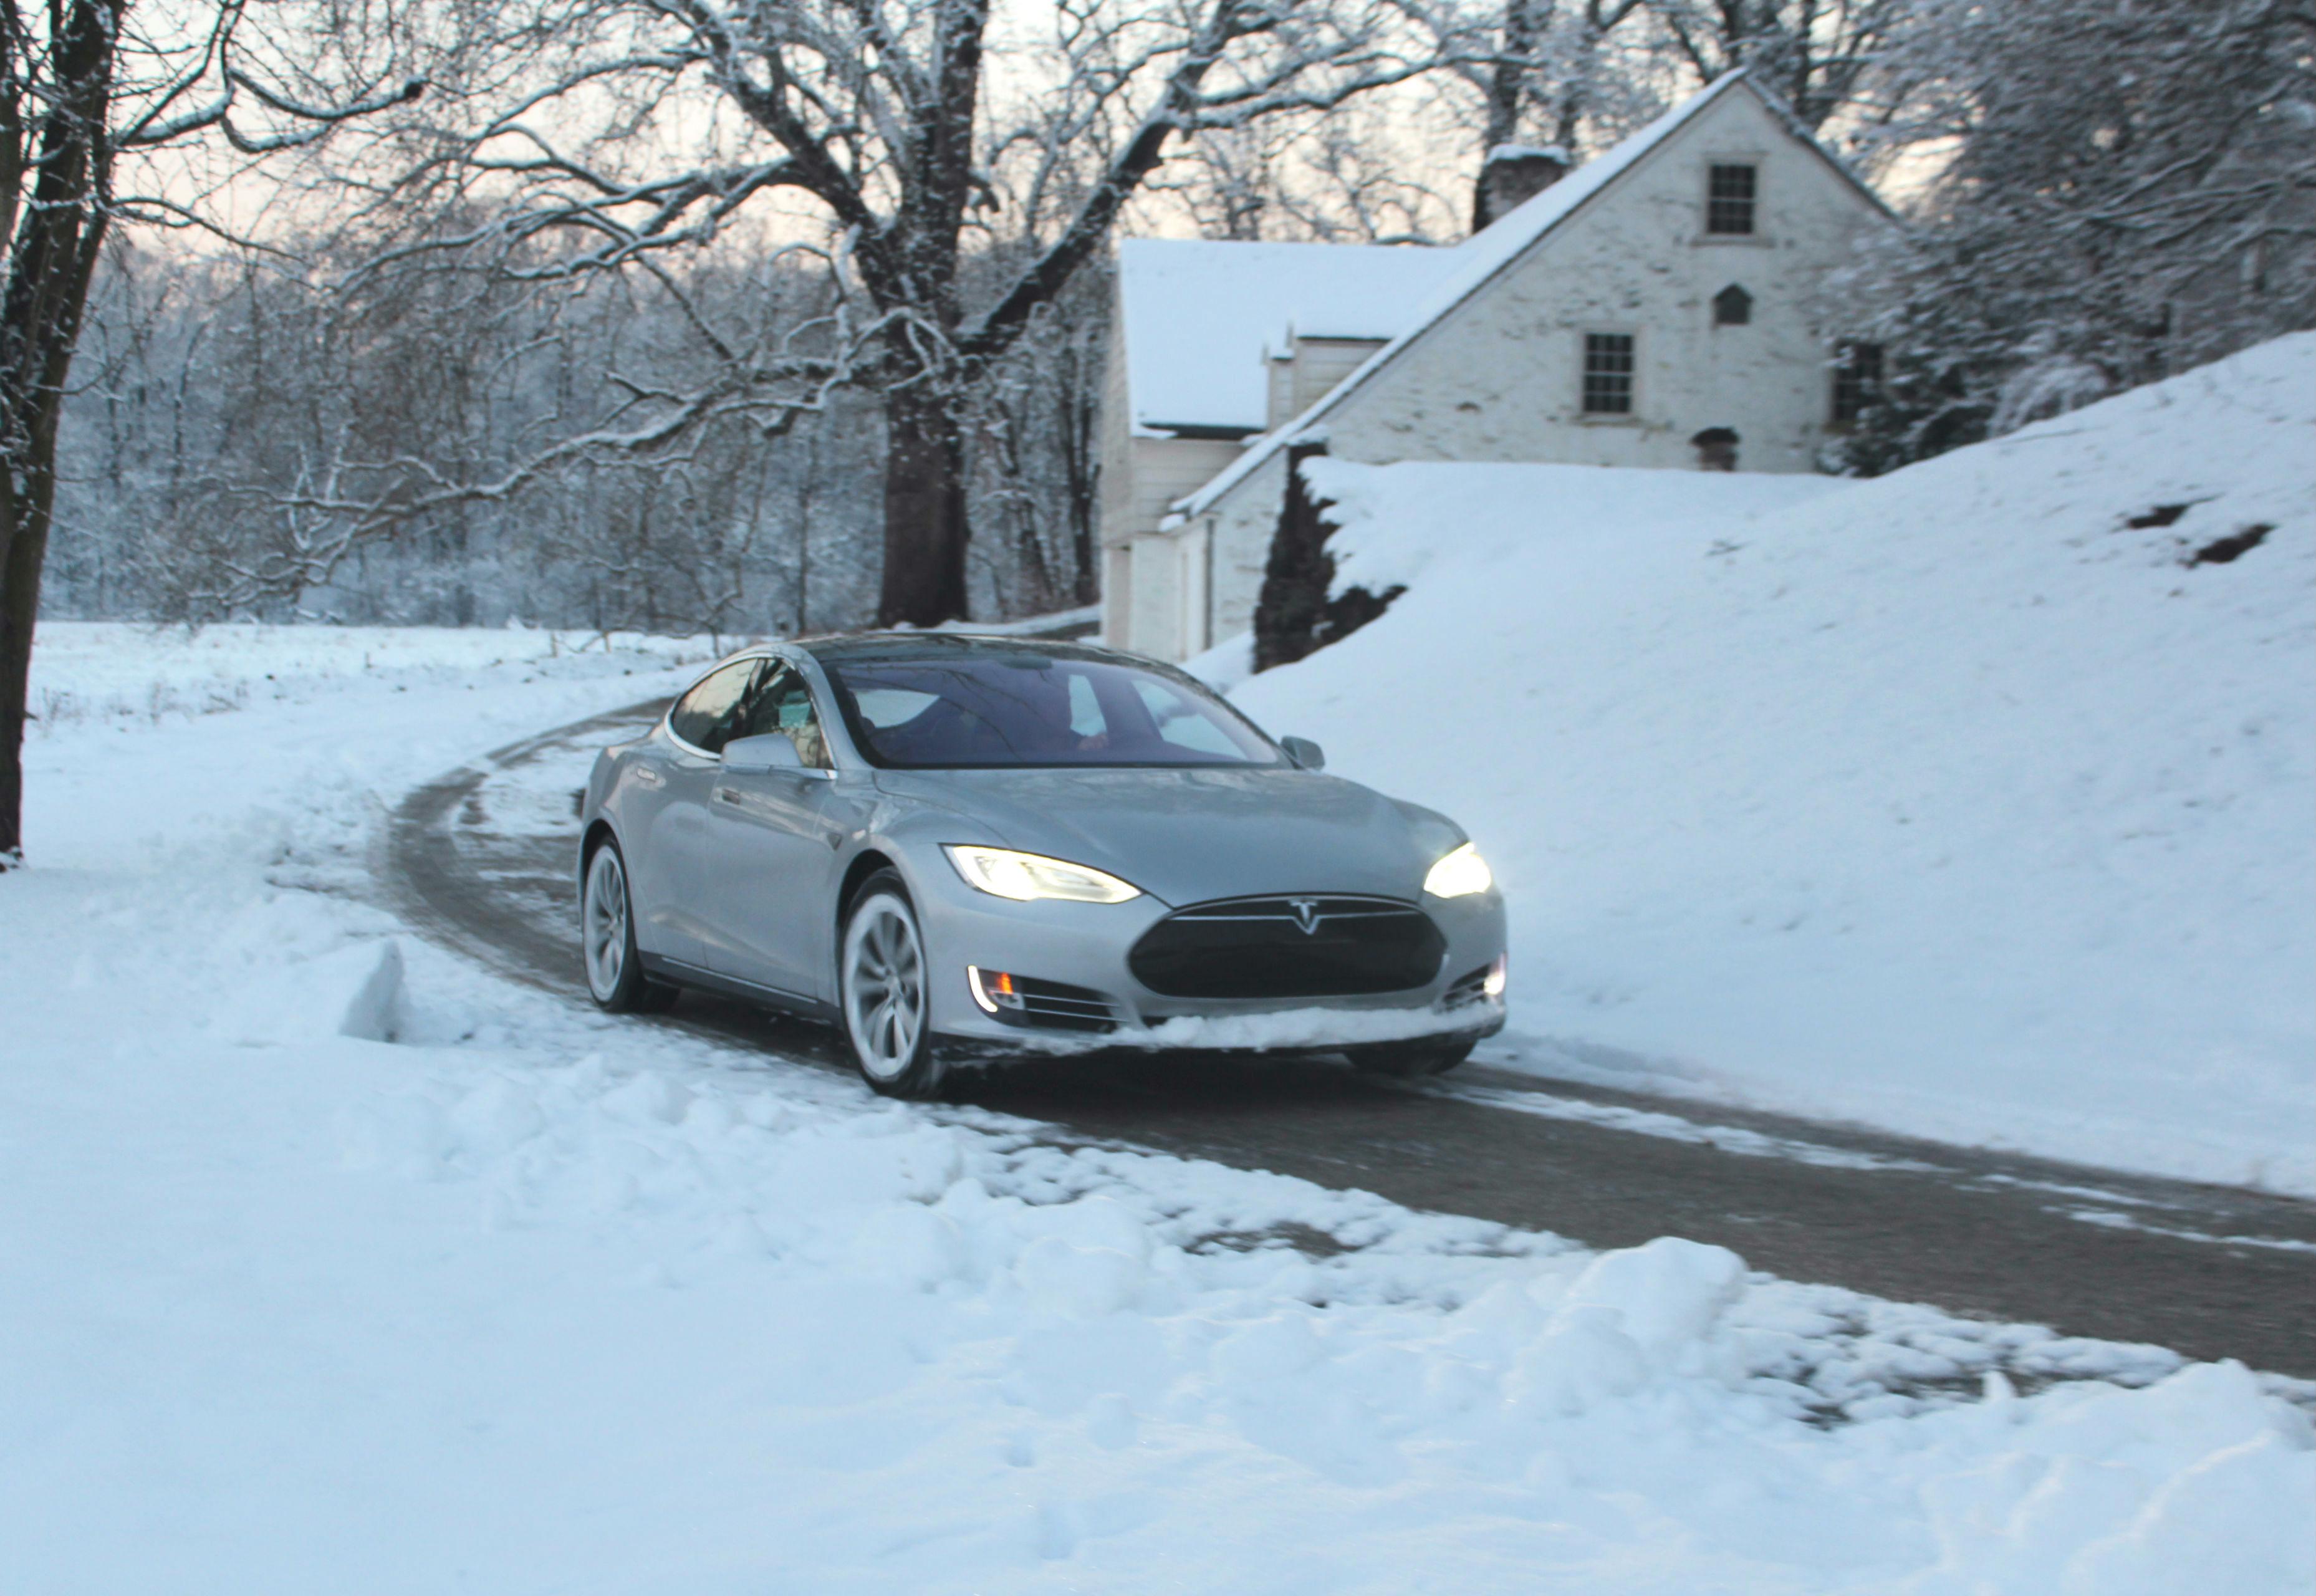 Model_S_snowy_road1